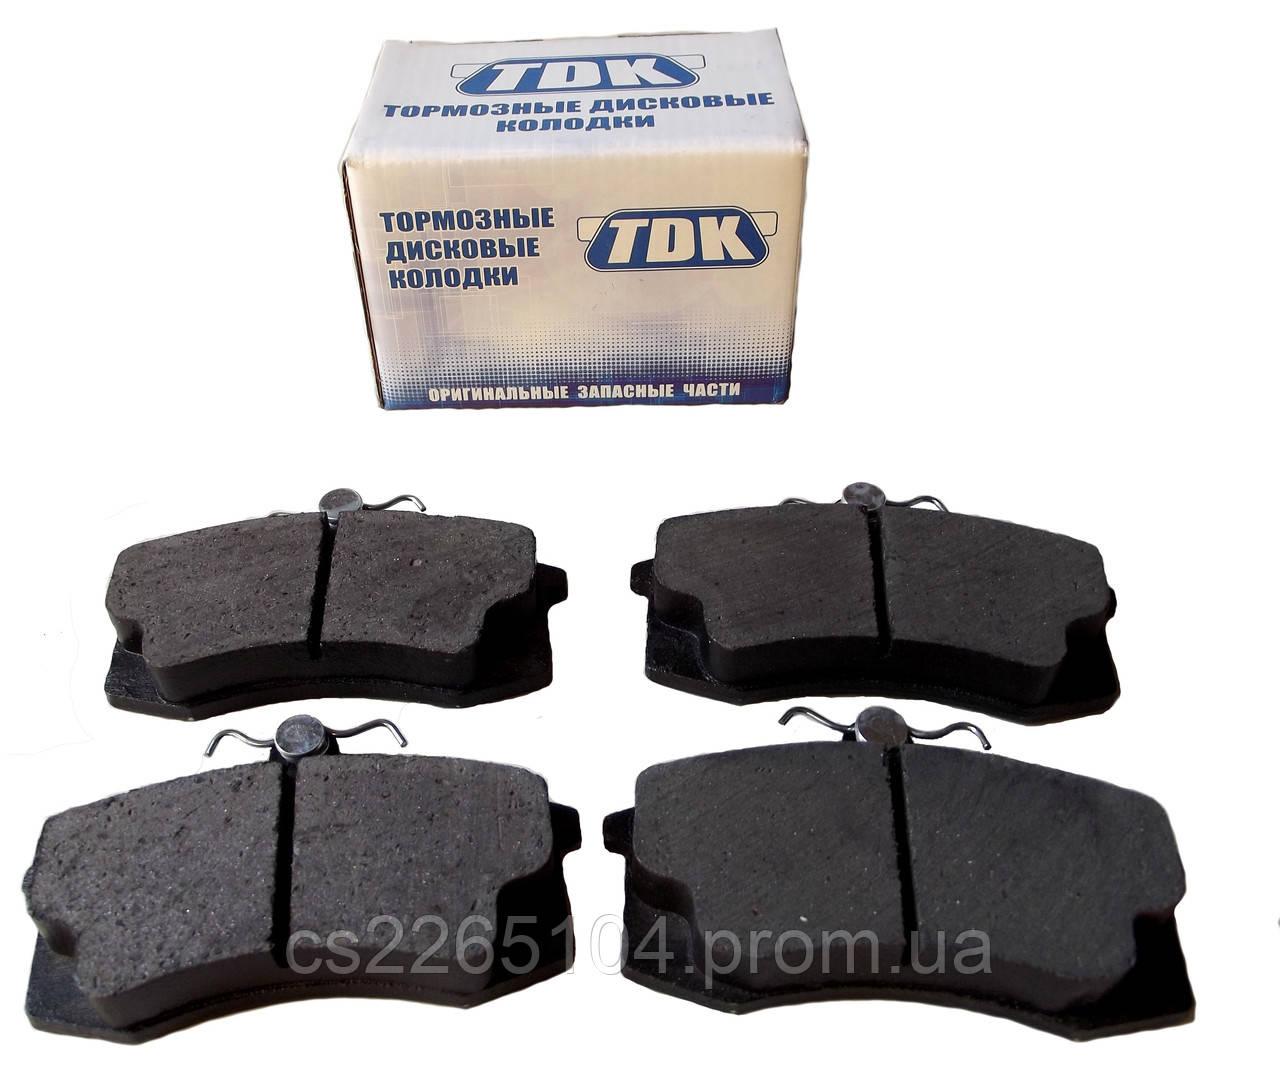 Колодки тормозные передние ВАЗ 2108 TDK